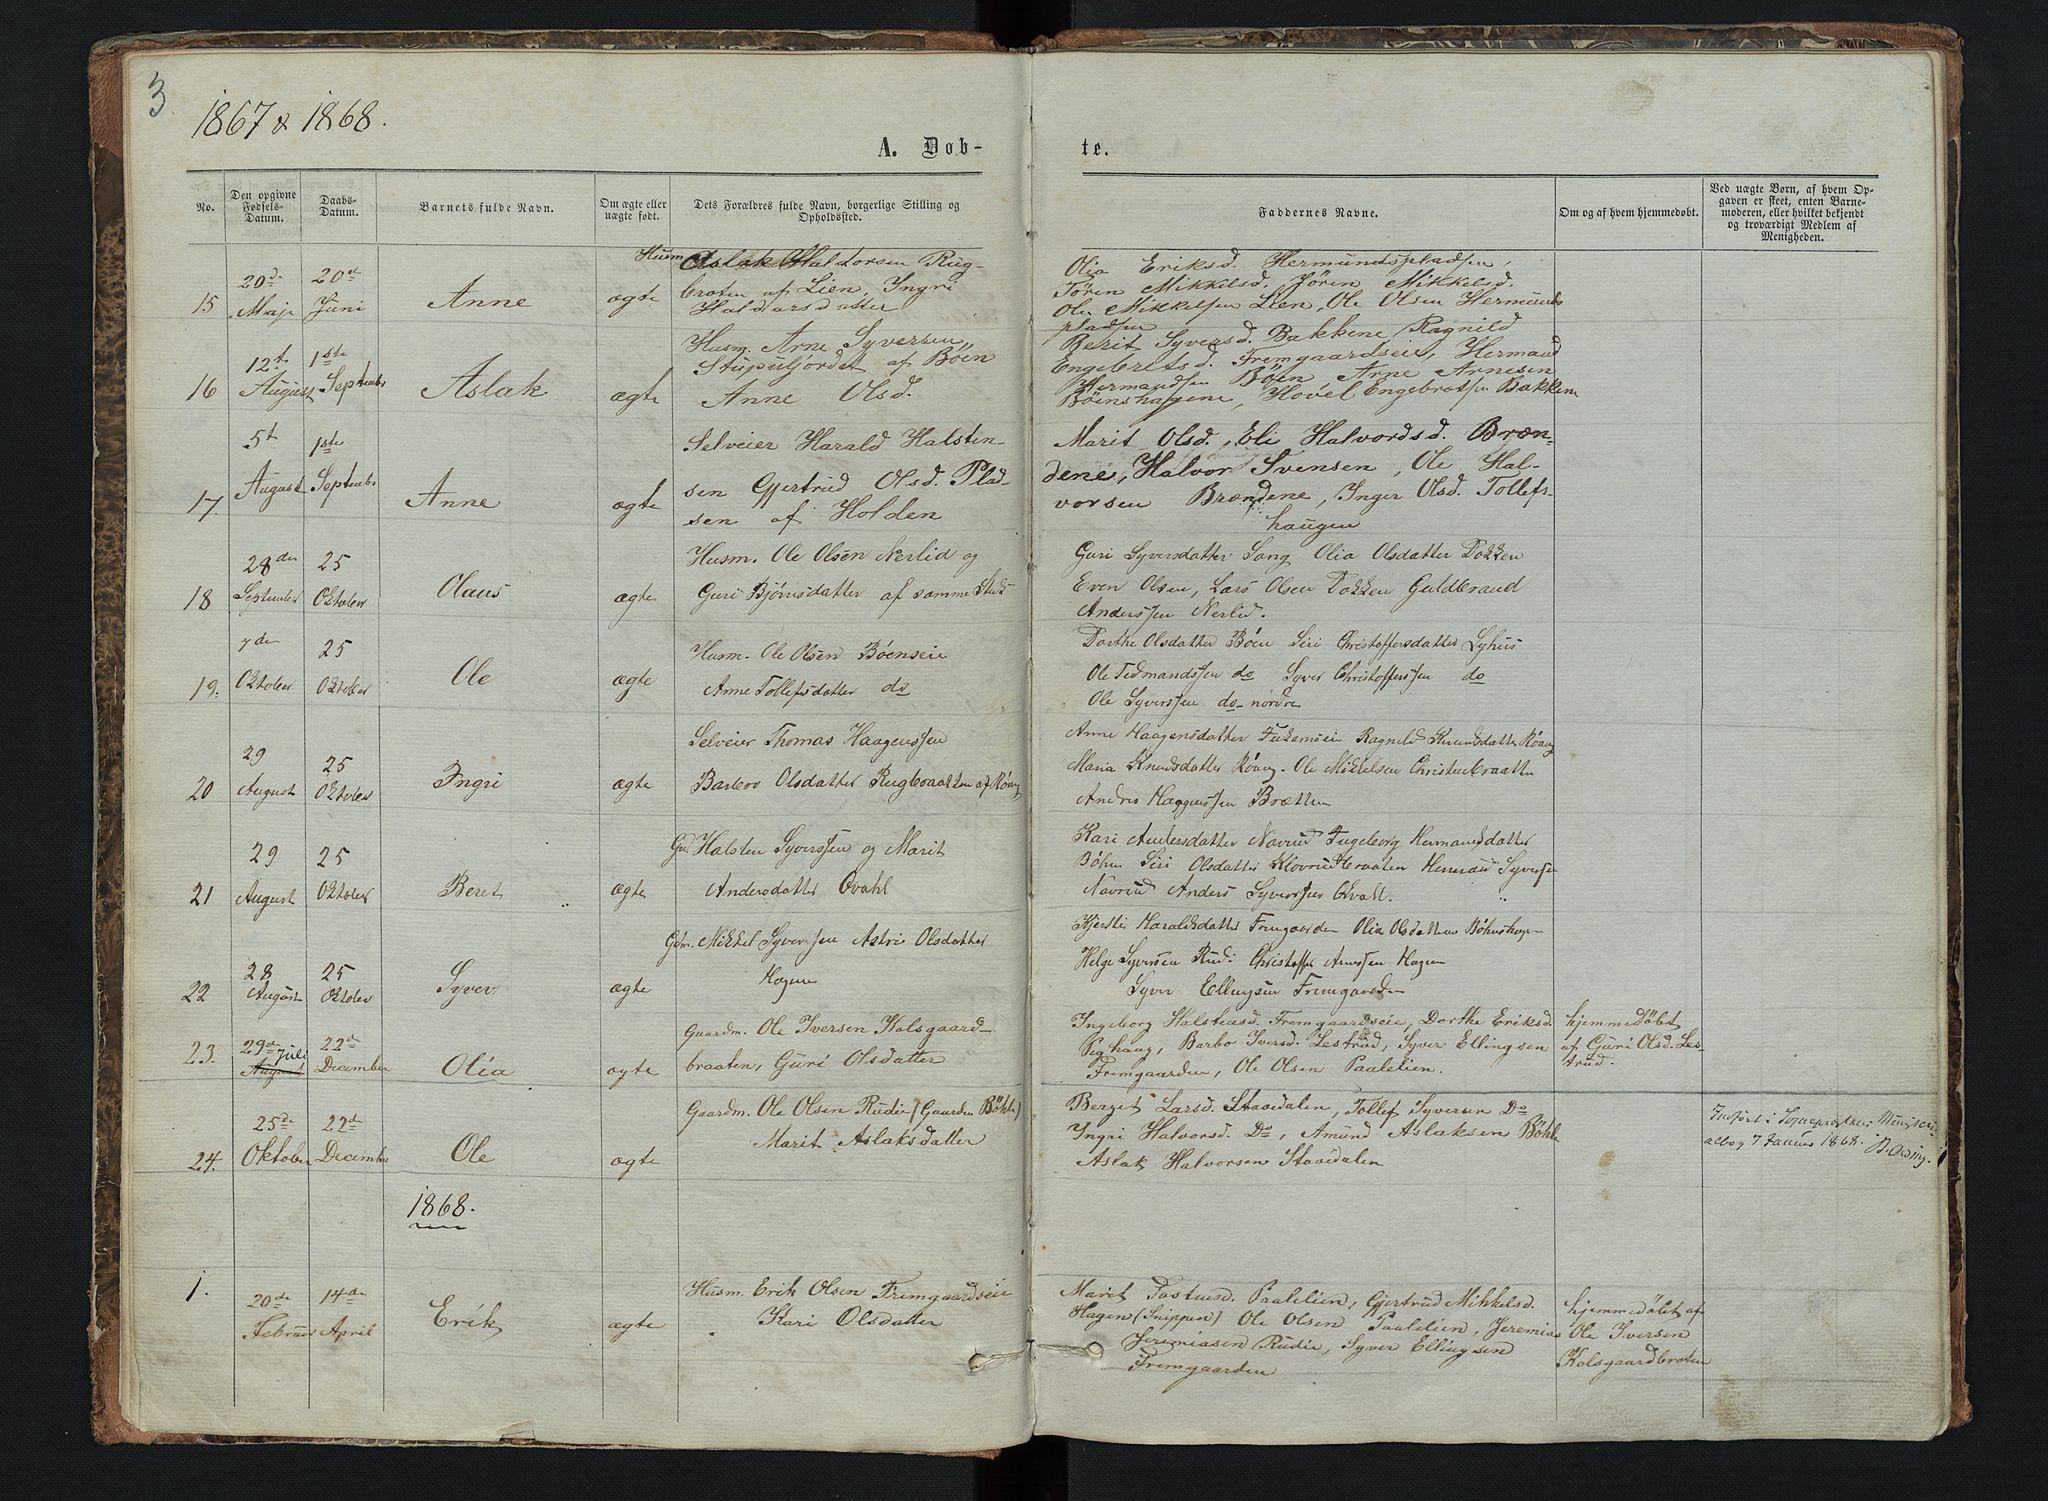 SAH, Sør-Aurdal prestekontor, Klokkerbok nr. 6, 1866-1893, s. 3